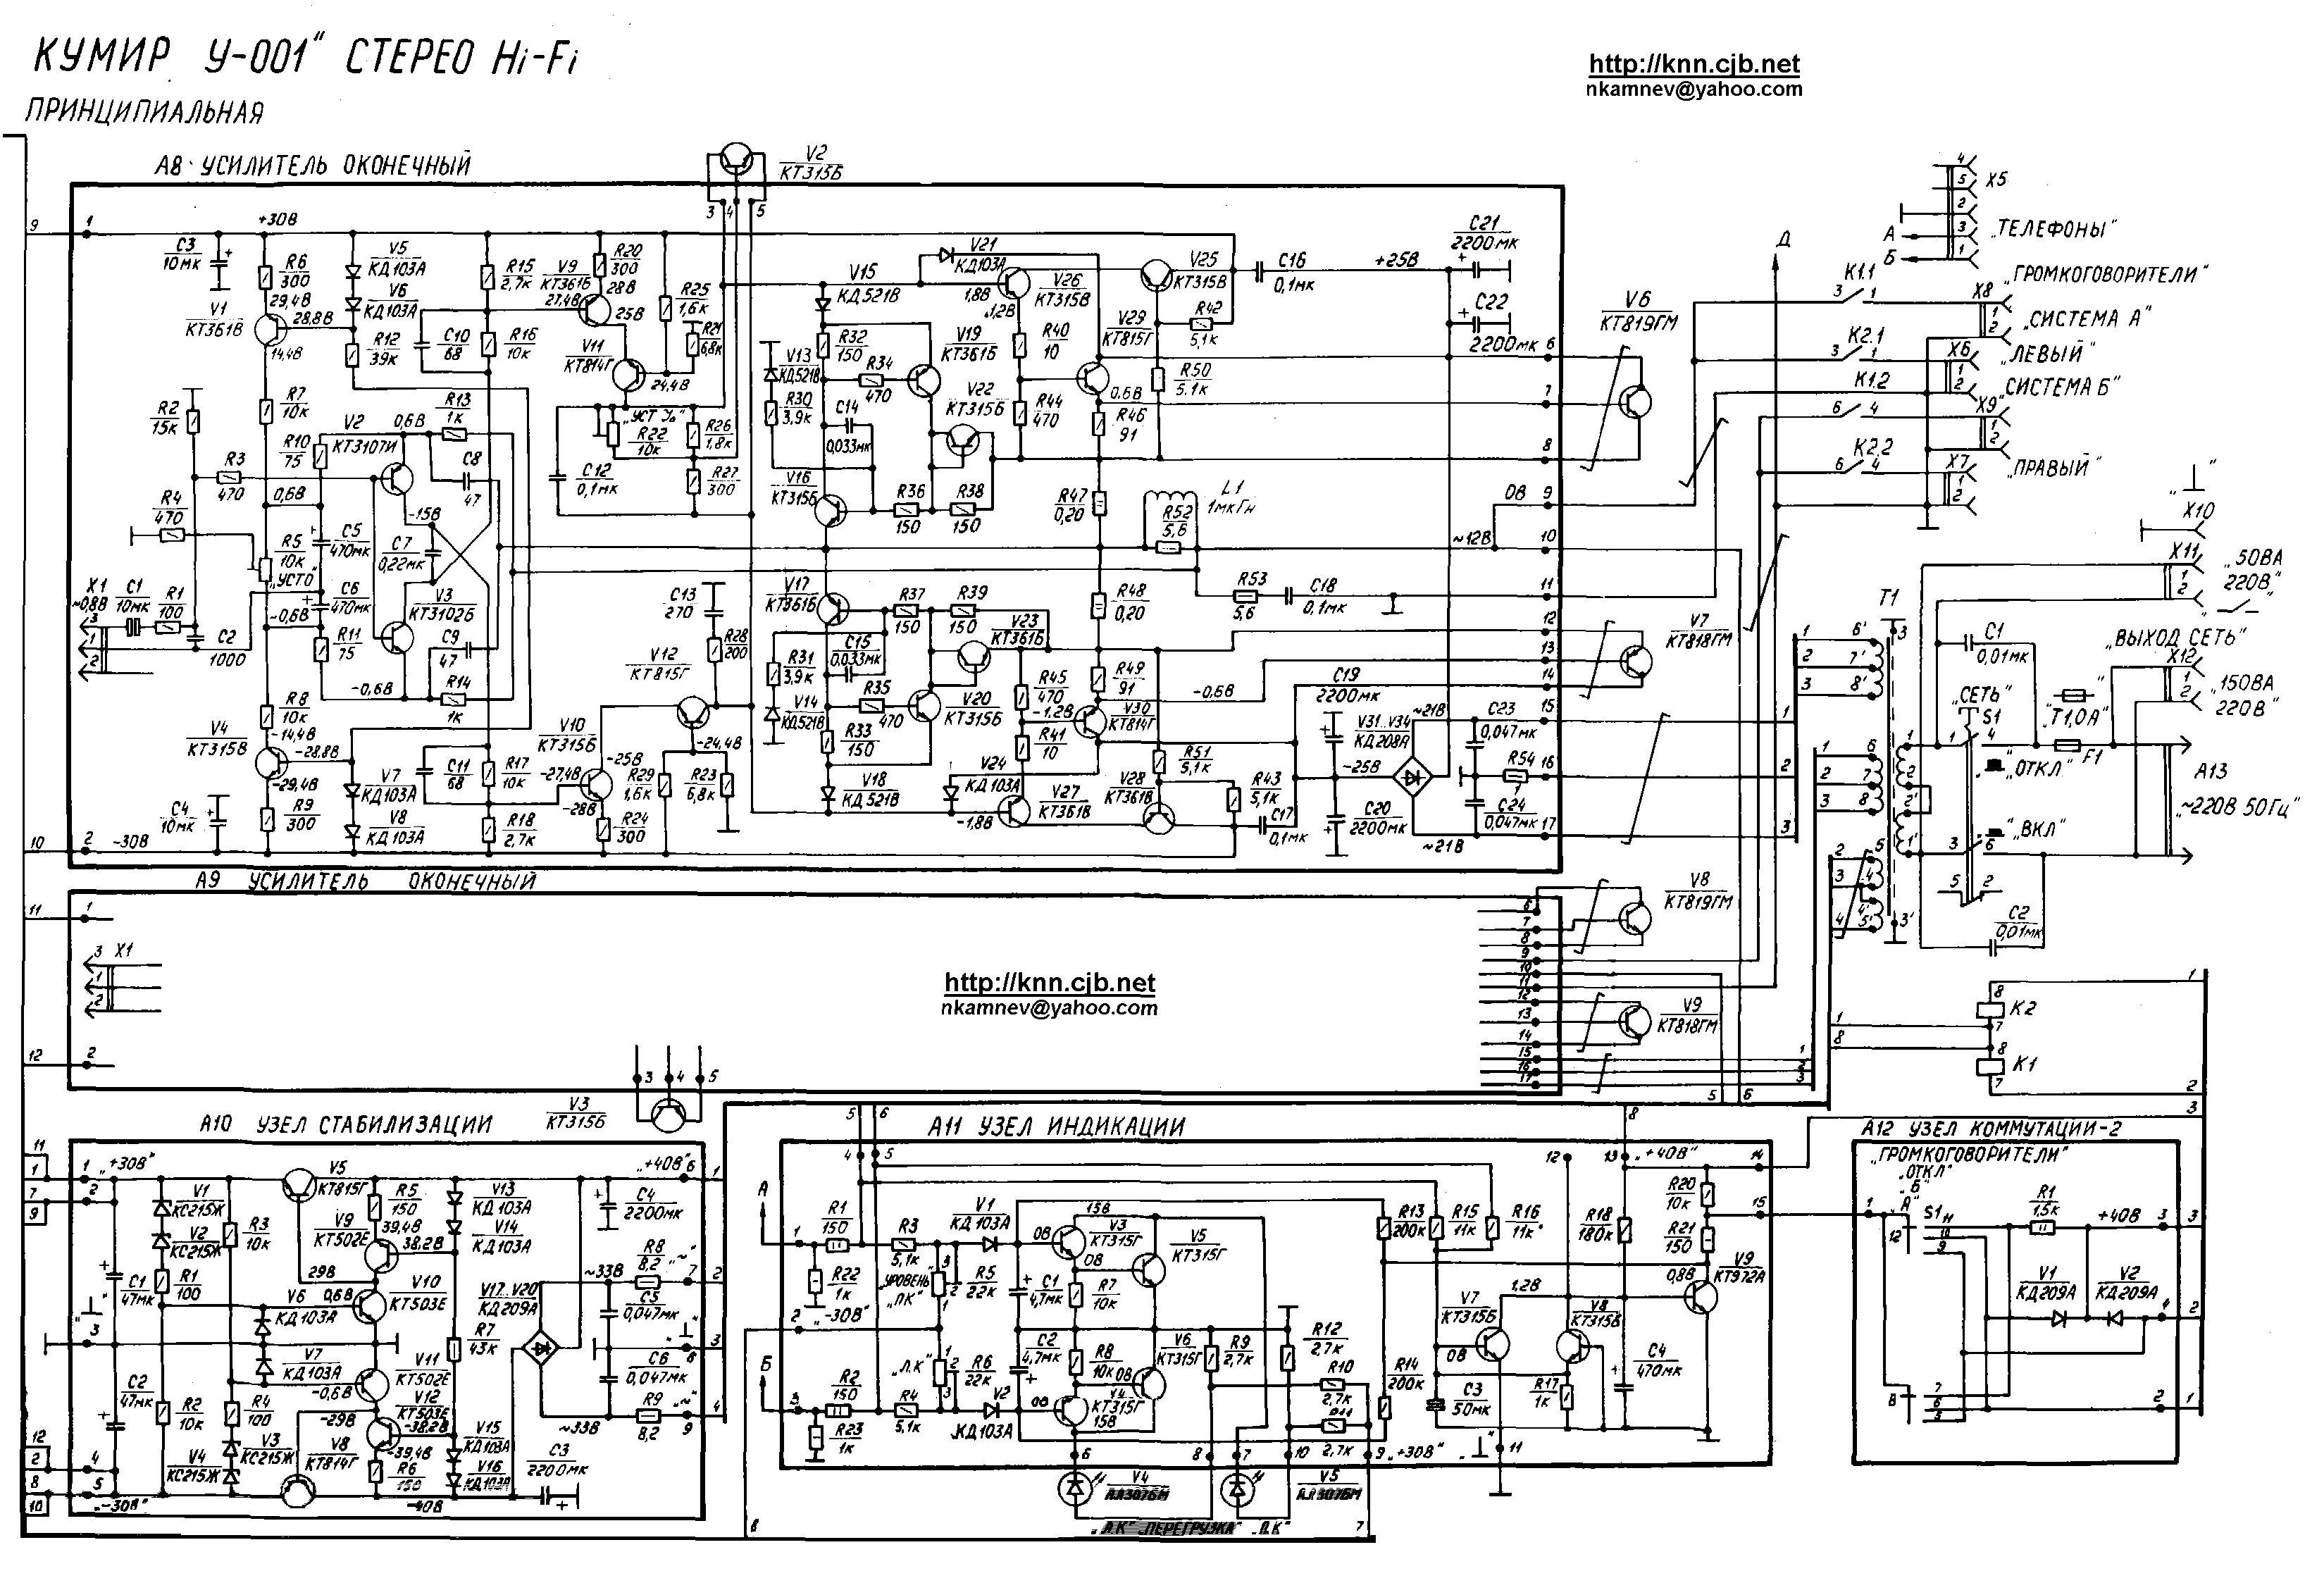 принцыпиальная схема усилителя кумир у 001